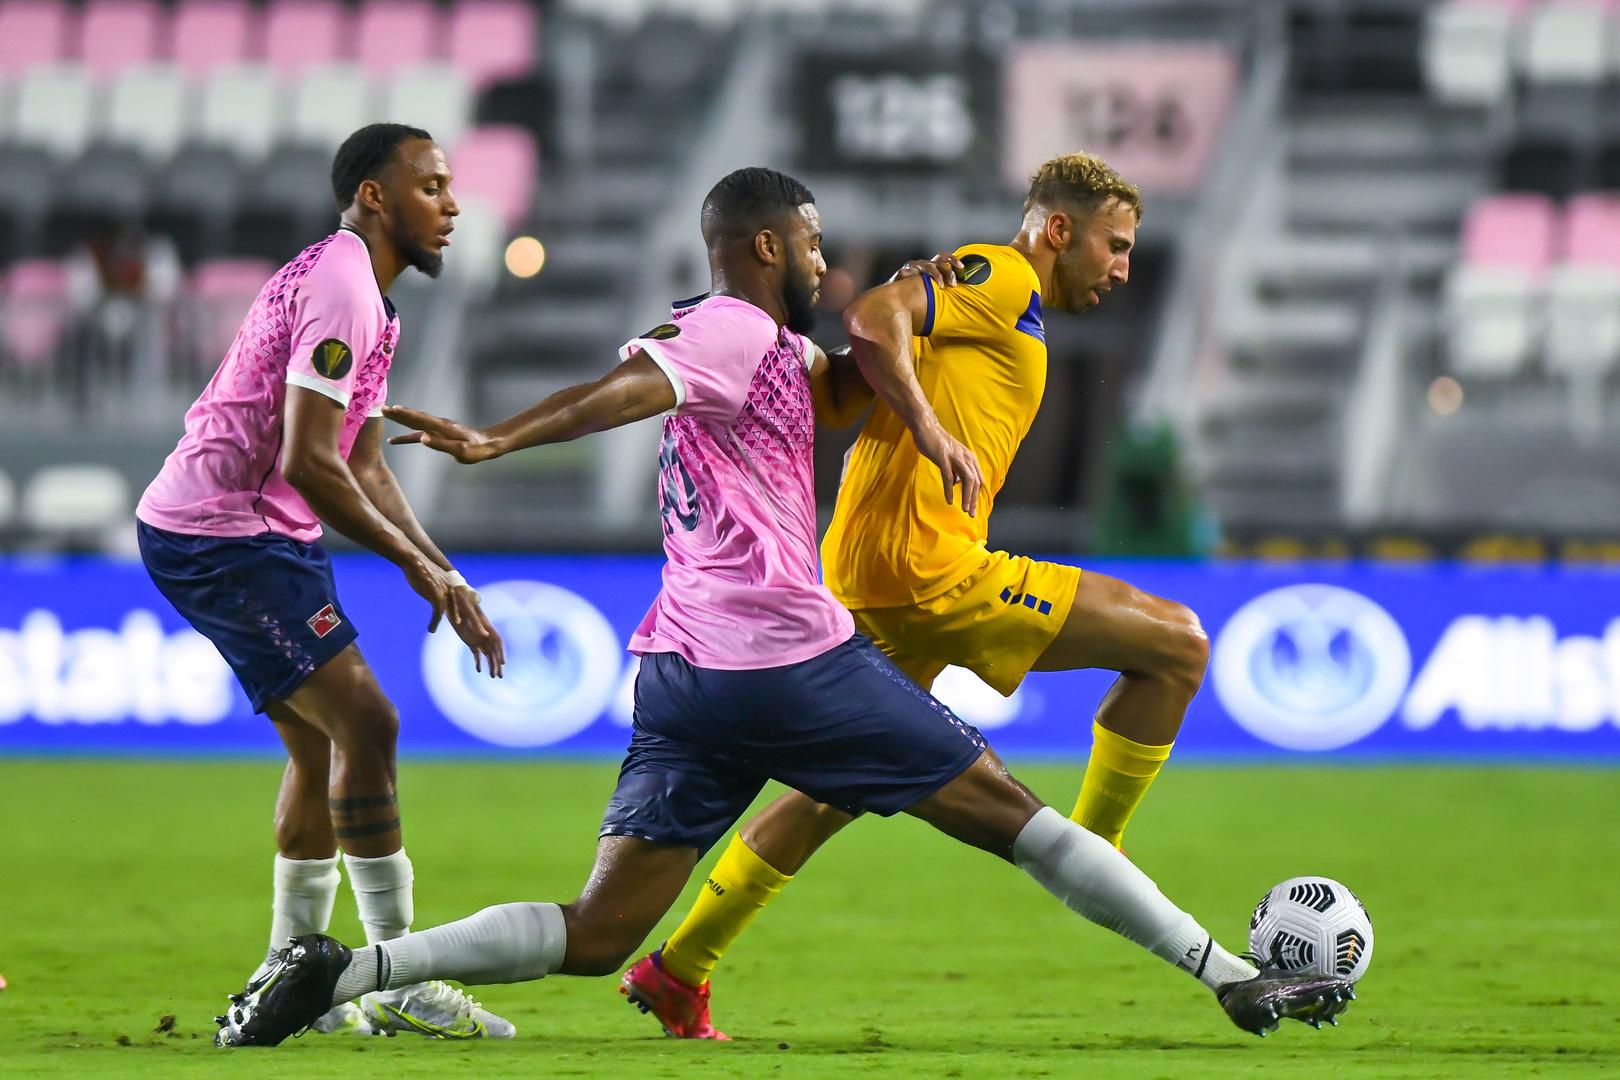 Bermuda vs Barbados football 2021 Concacaf photos (9)